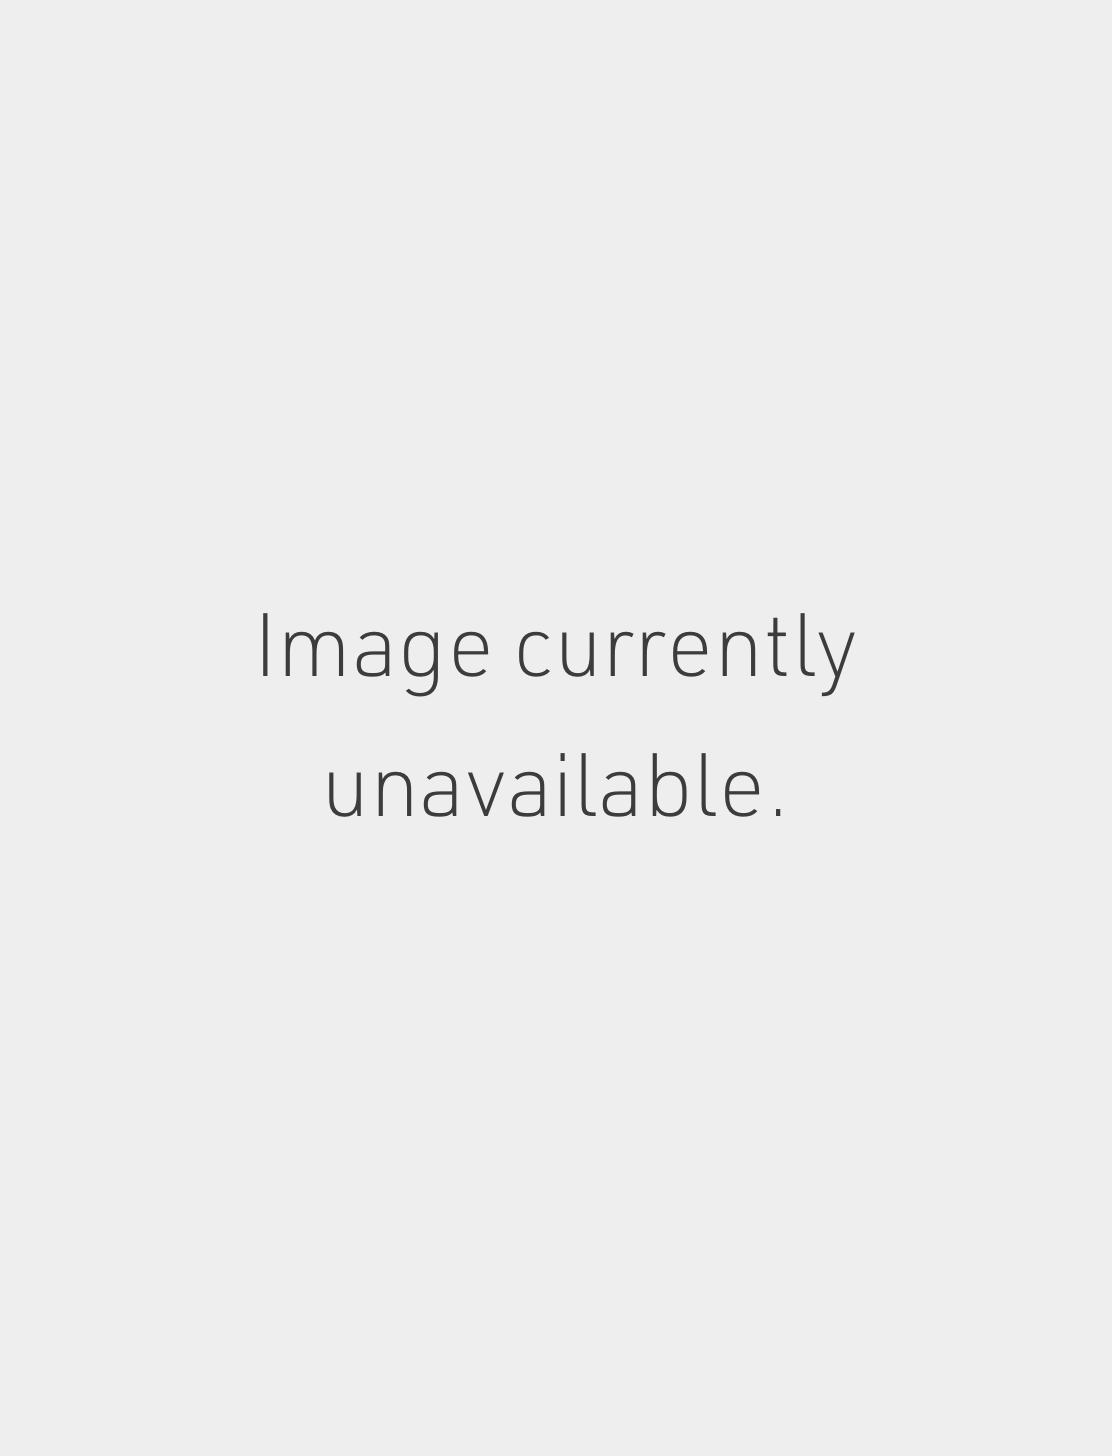 Invisible Set Diamond Halo Vintage Eye Necklace Image #1